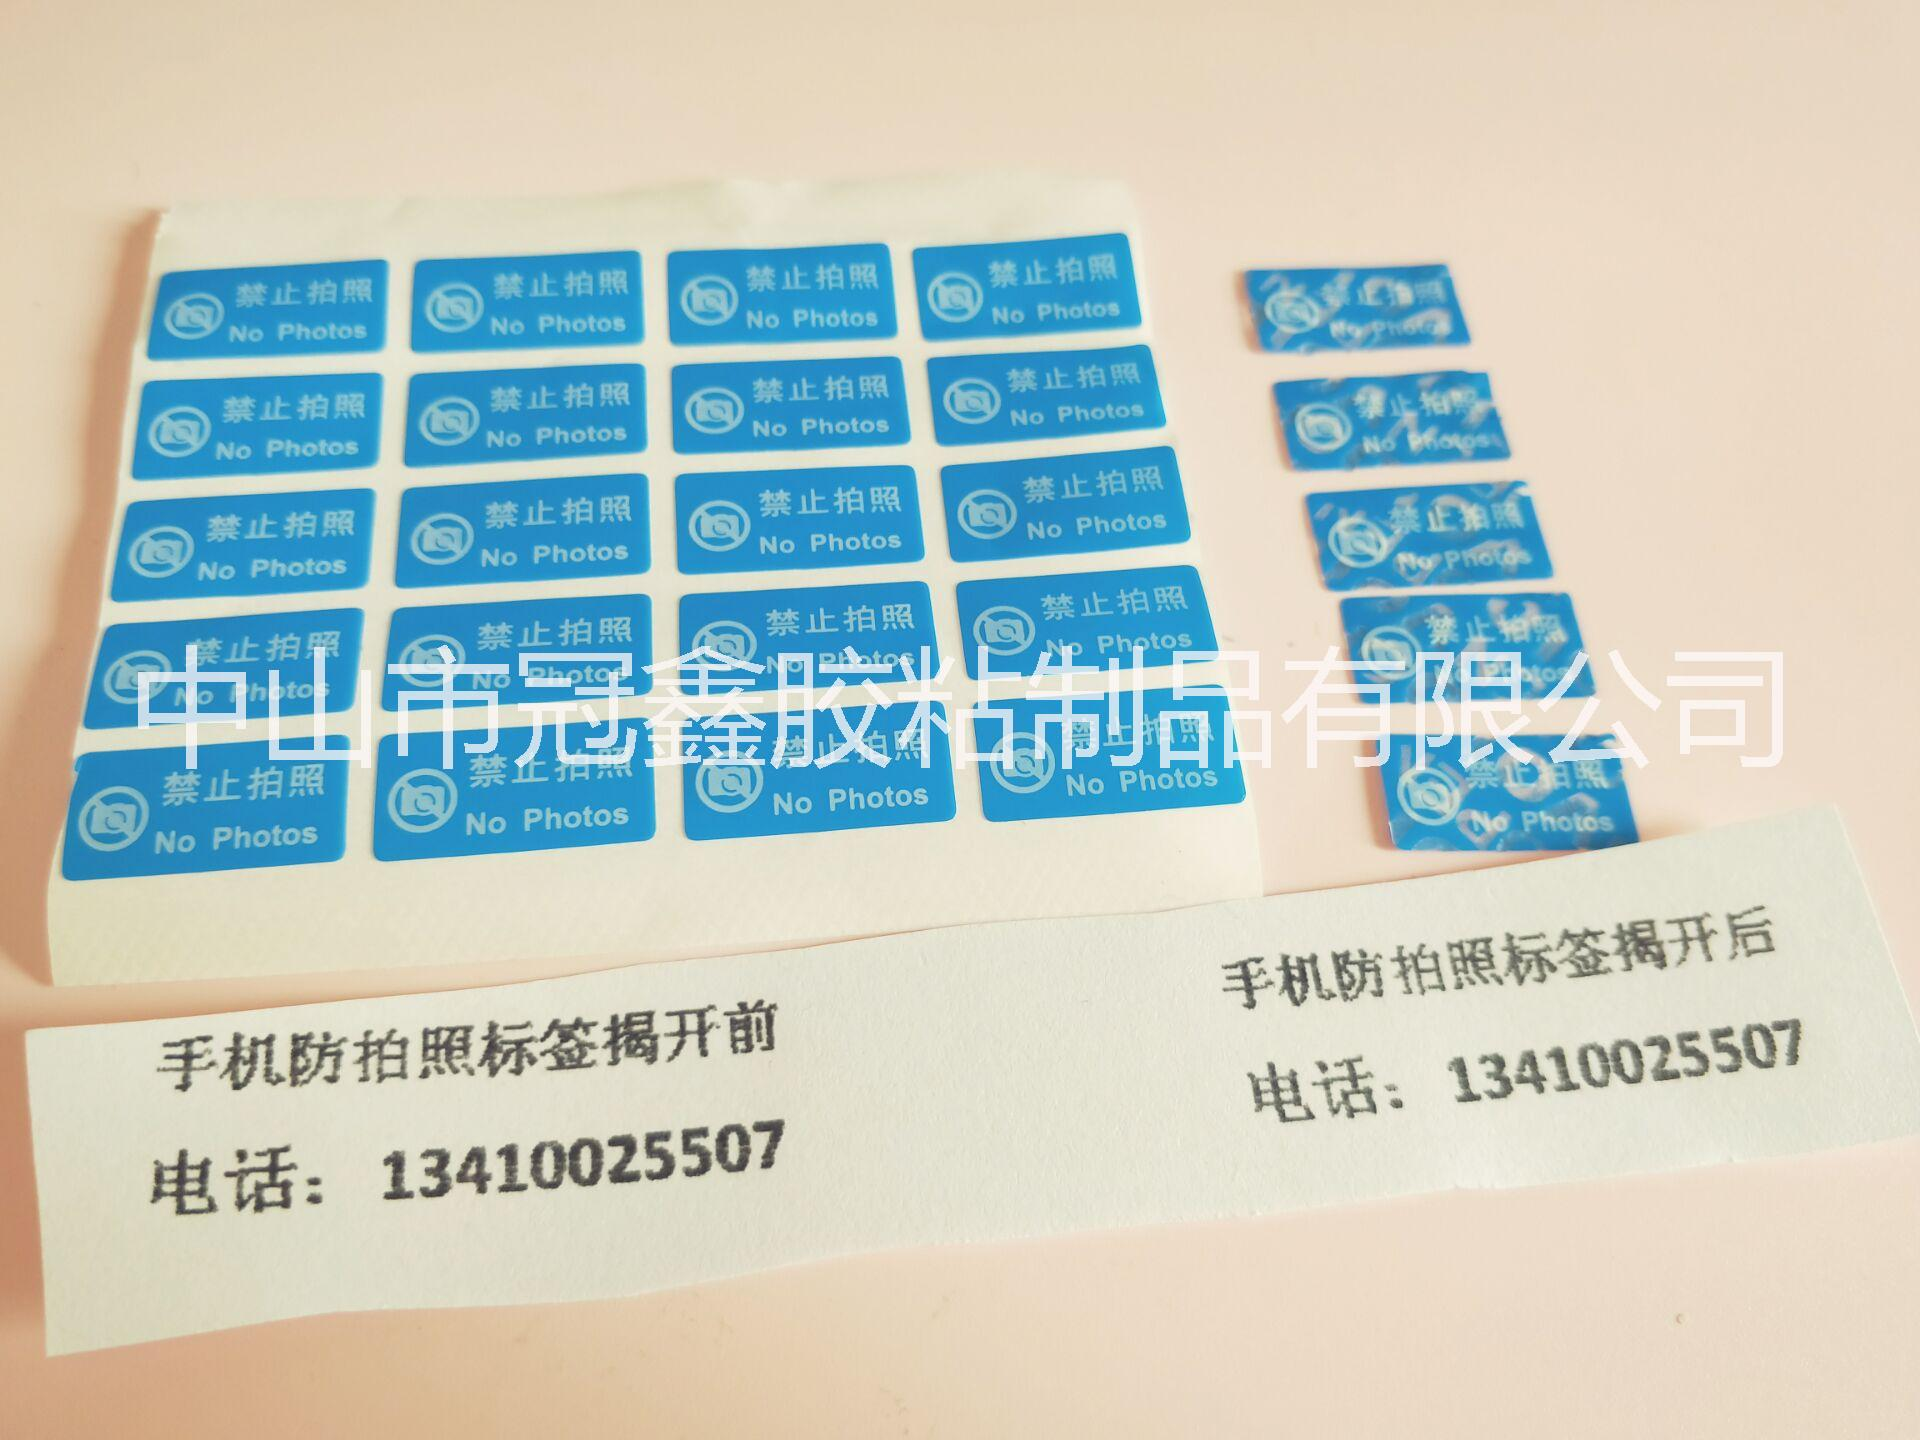 厂家直销各种手机摄像头防伪标签 (可定制一张贴纸前后各一个标签)